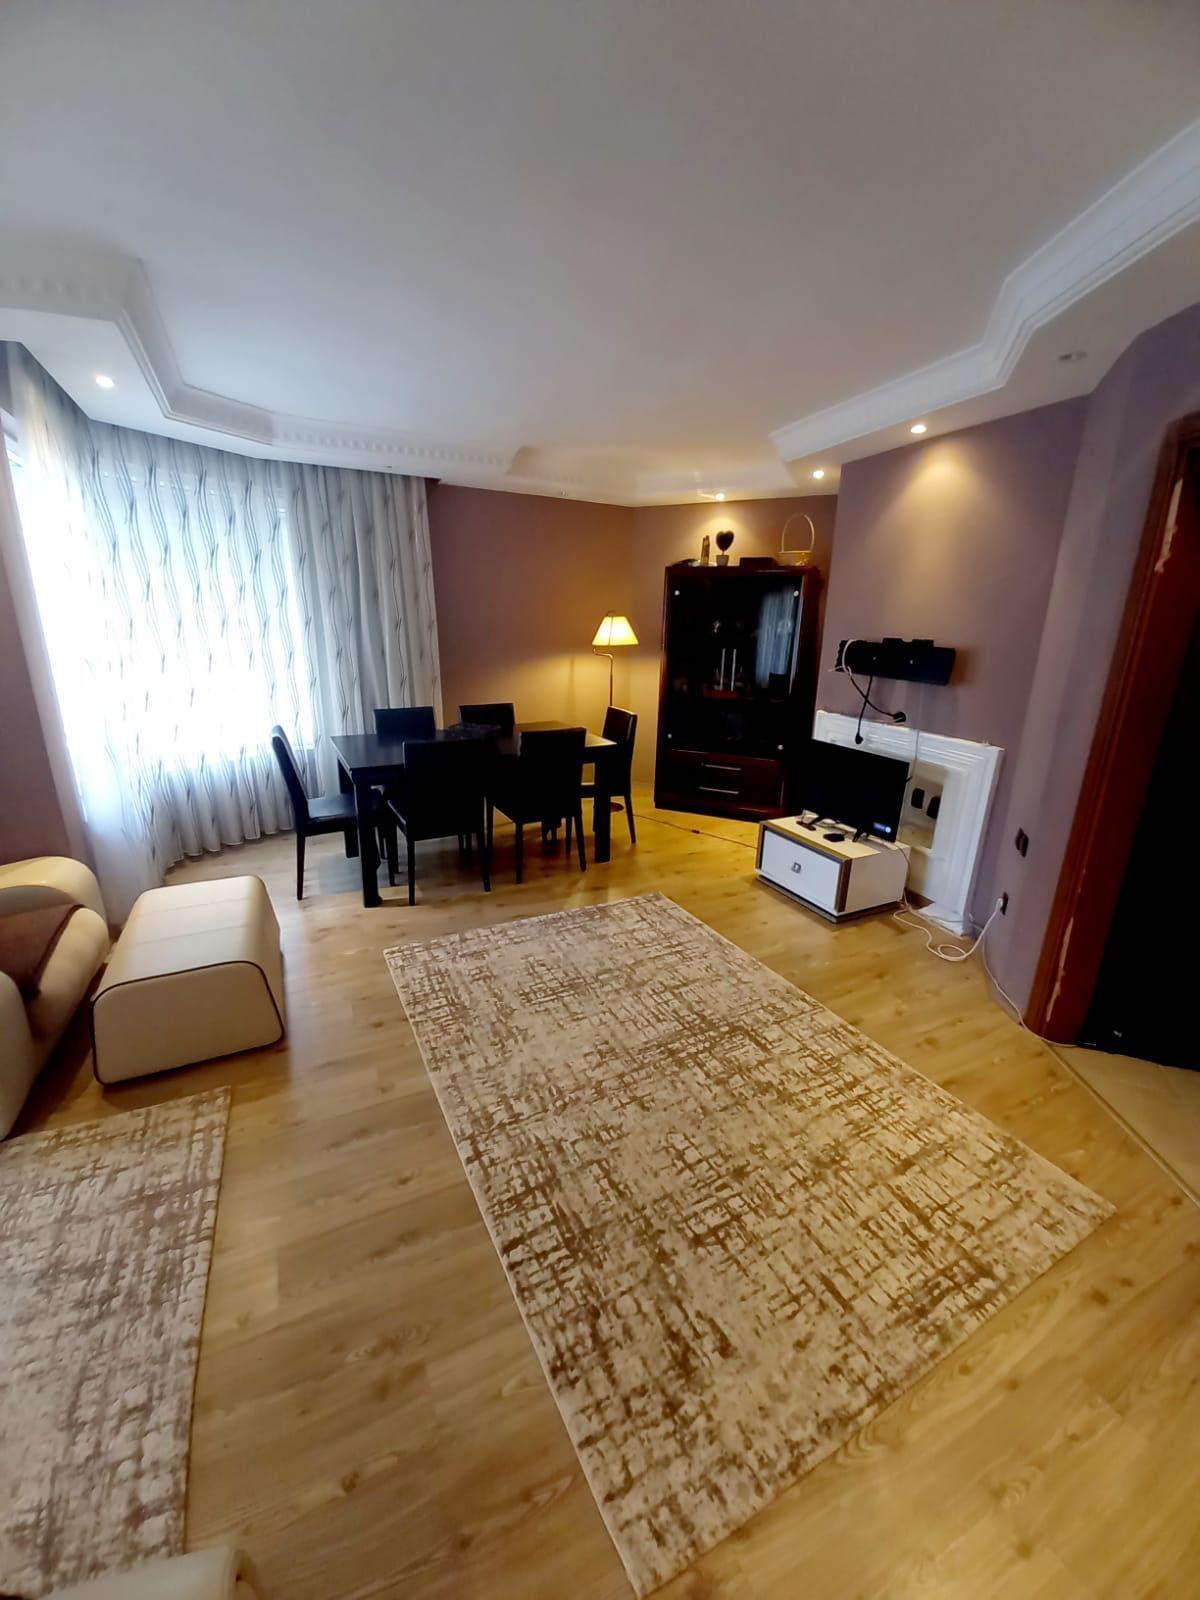 аренда  4 х комнатной квартиры в Анталии